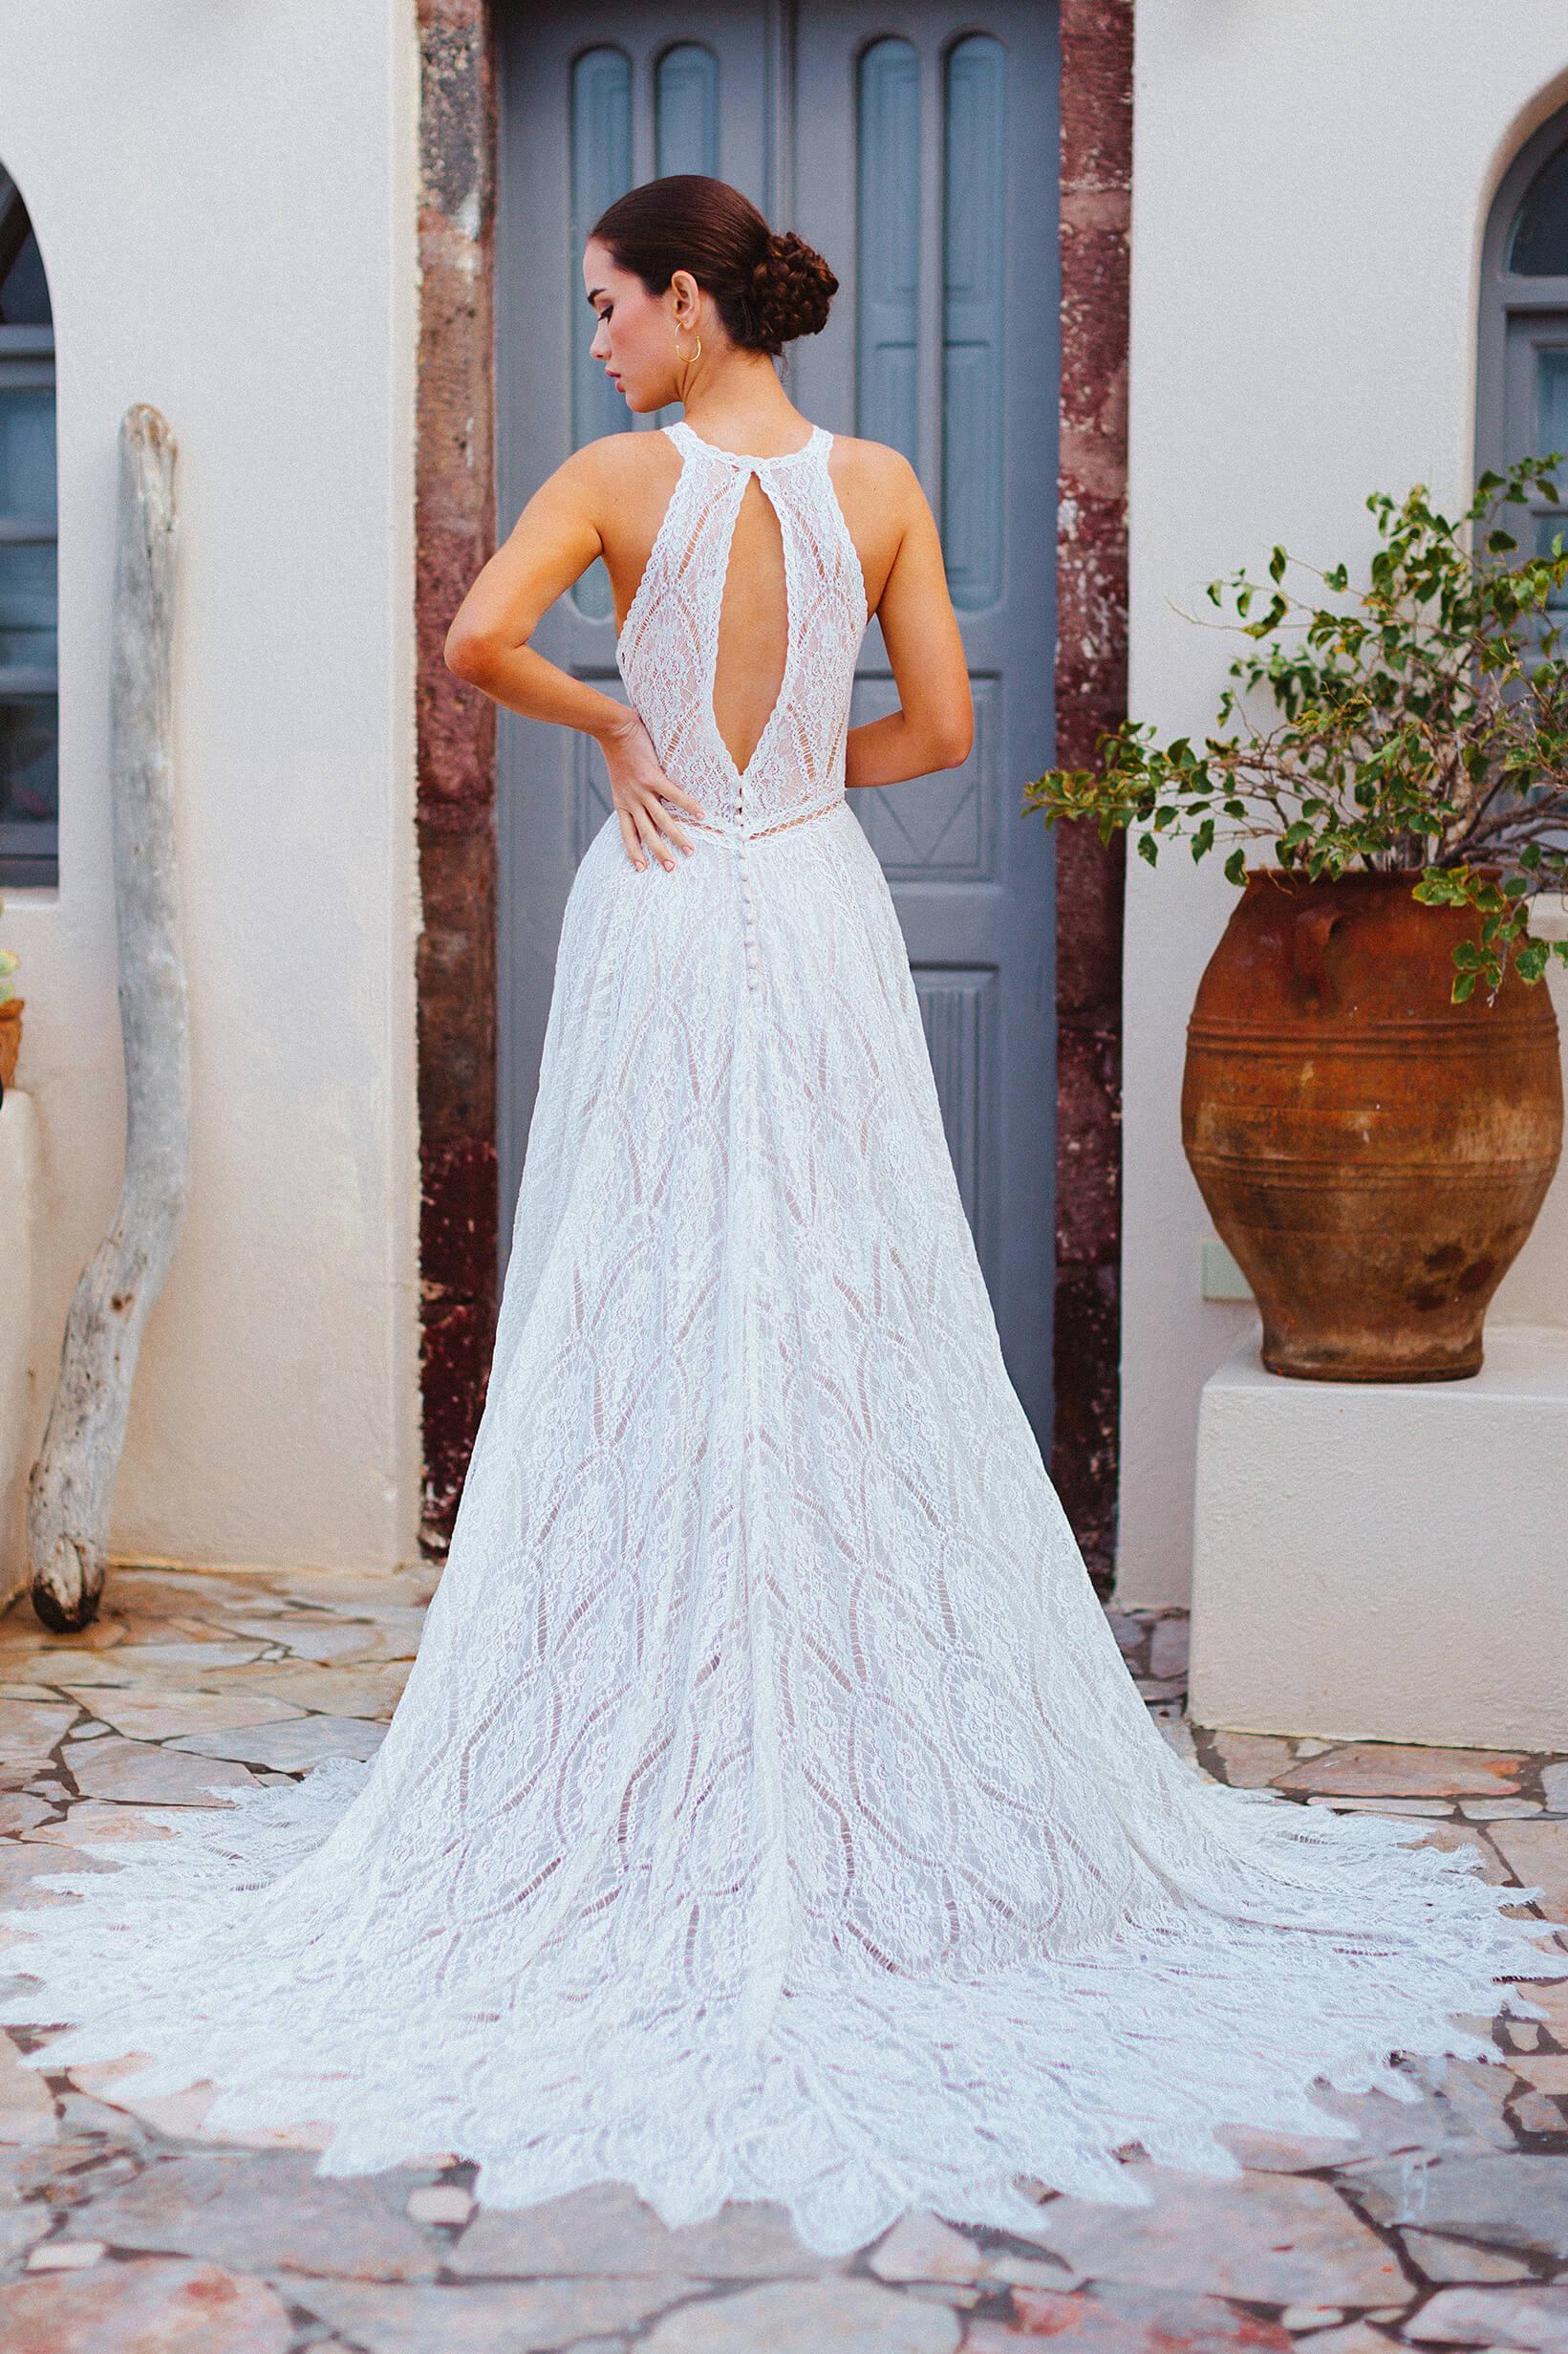 F167 Autum Wilderly Brides Bohemian Wedding Dress